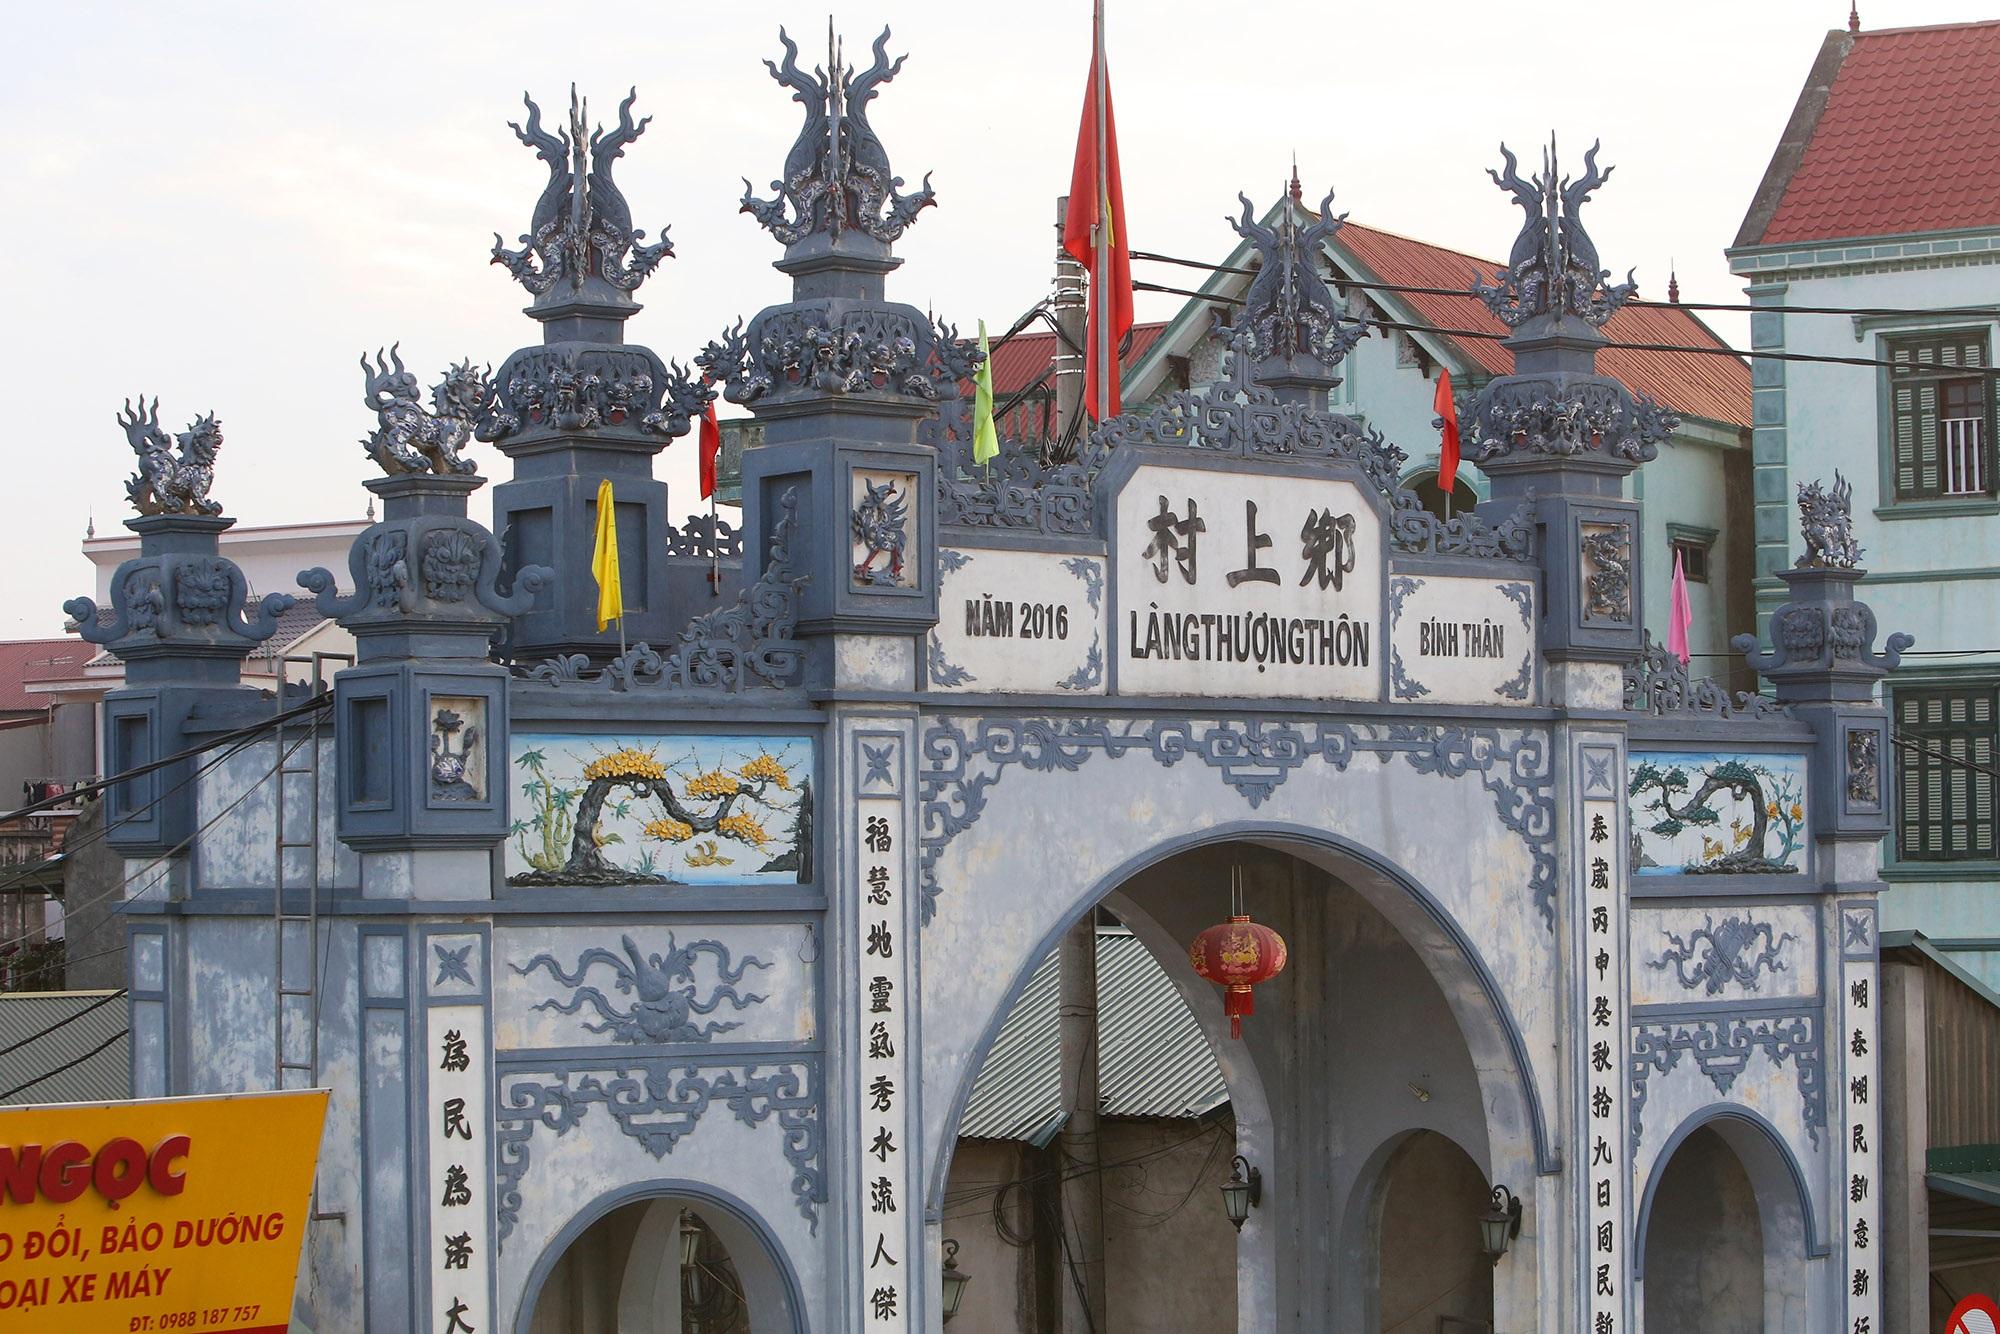 Vùng đất có nhiều cổng làng khủng - 13